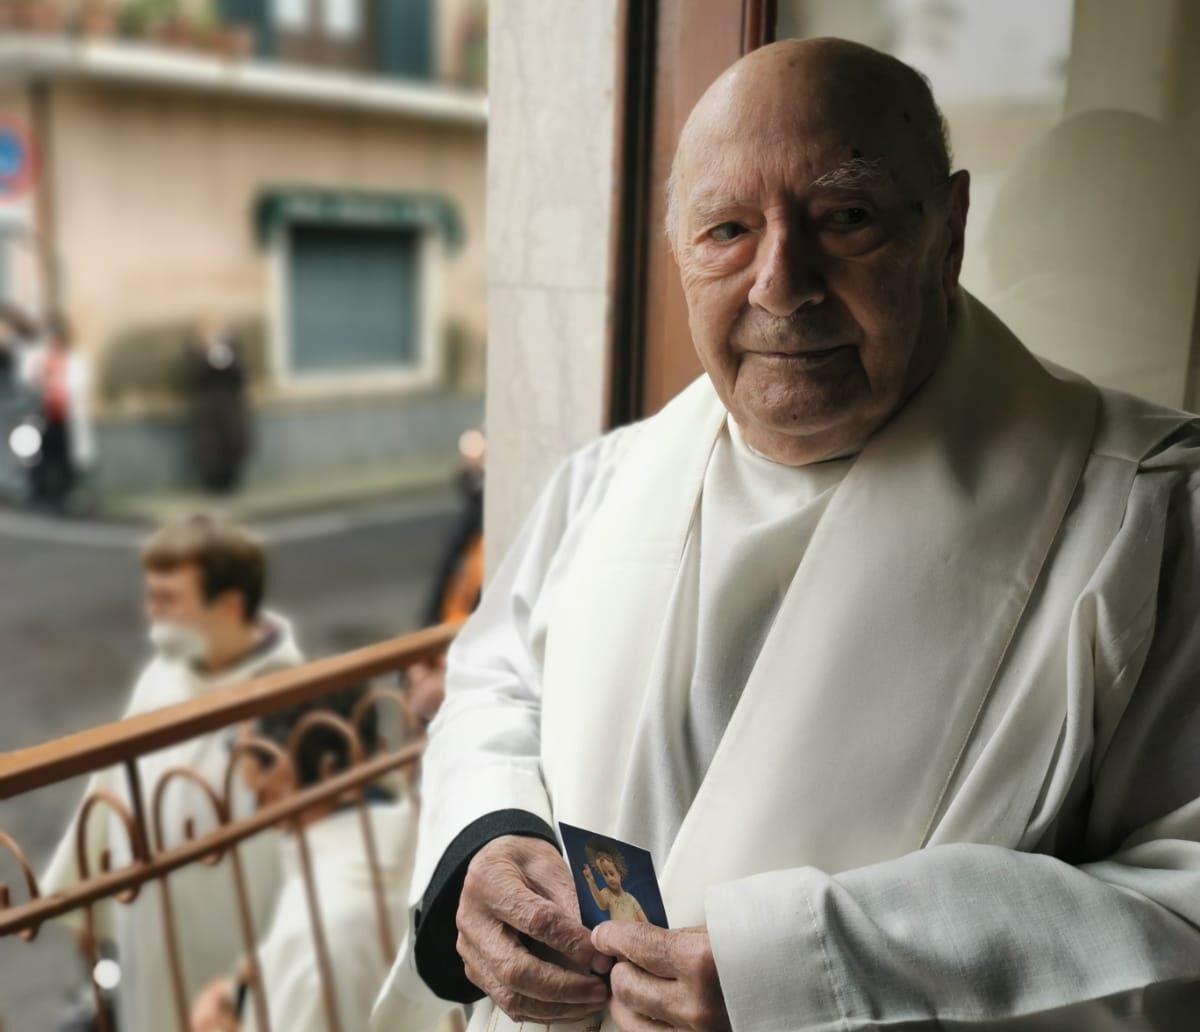 Diocesi di Acireale in festa: si festeggiano i 100 anni di Don Francesco Panebianco